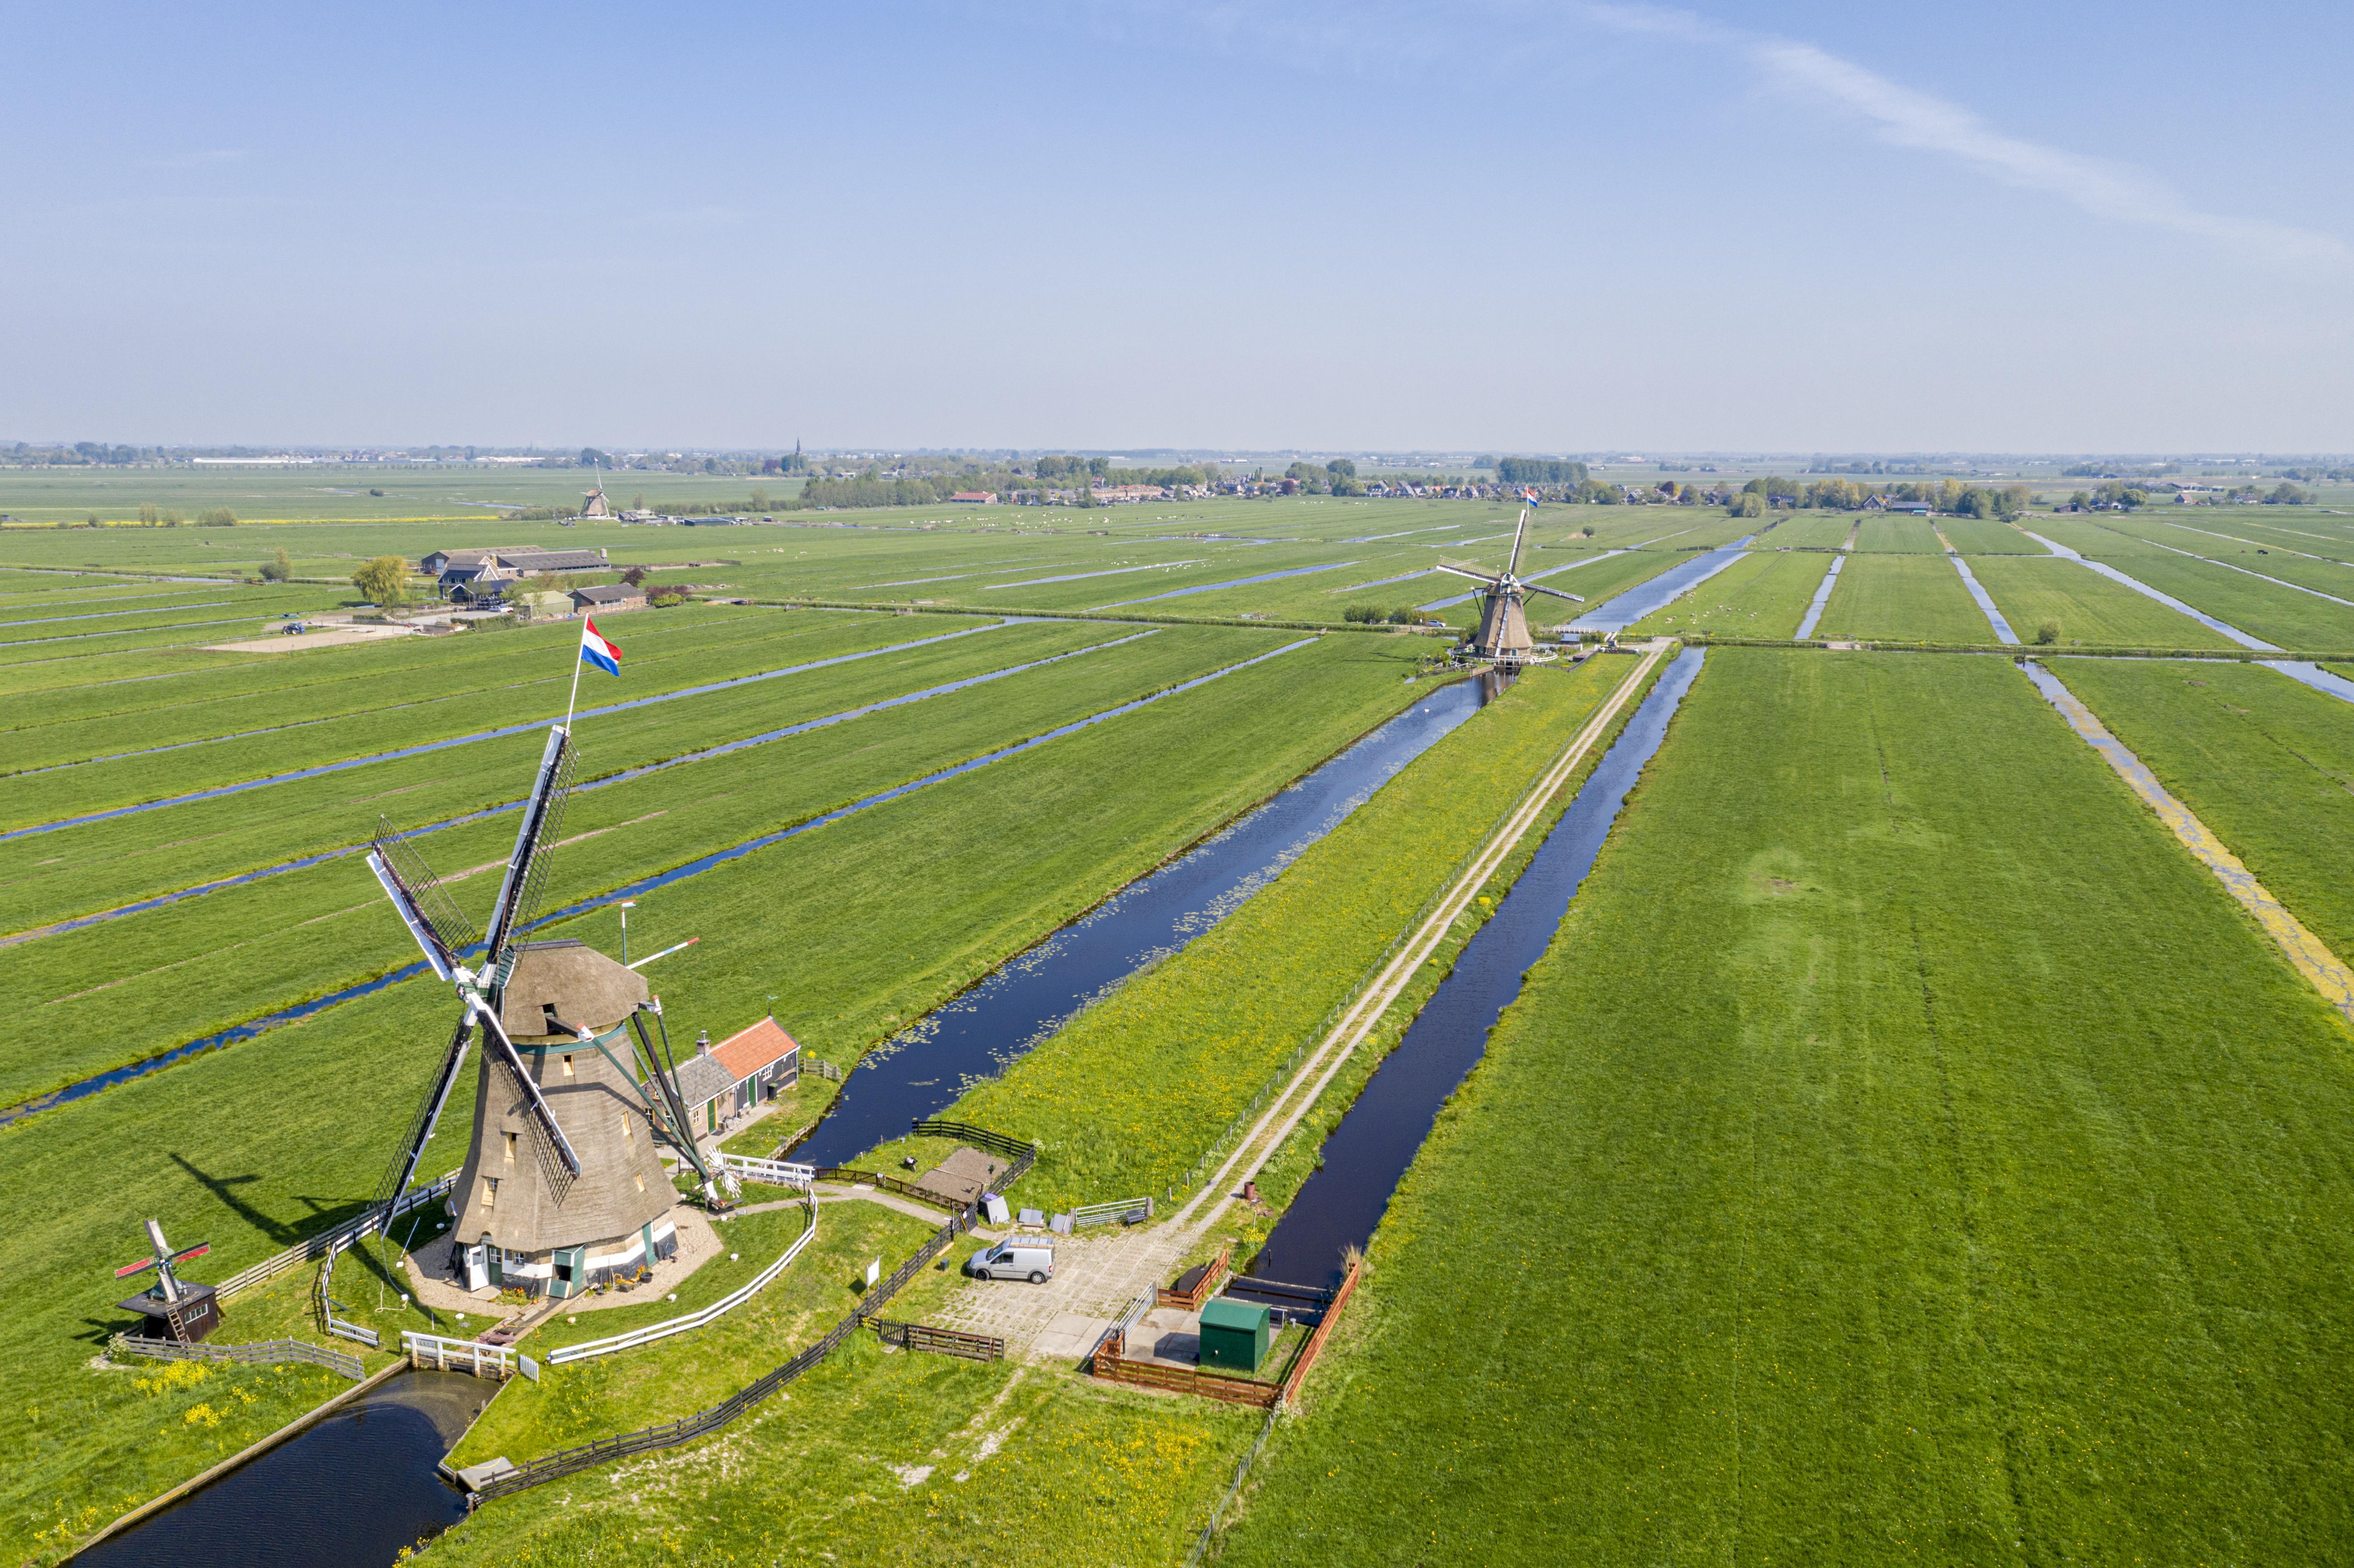 Aarlanderveen vreest de komst van 'torenhoge windmolens' in polders rondom het dorp